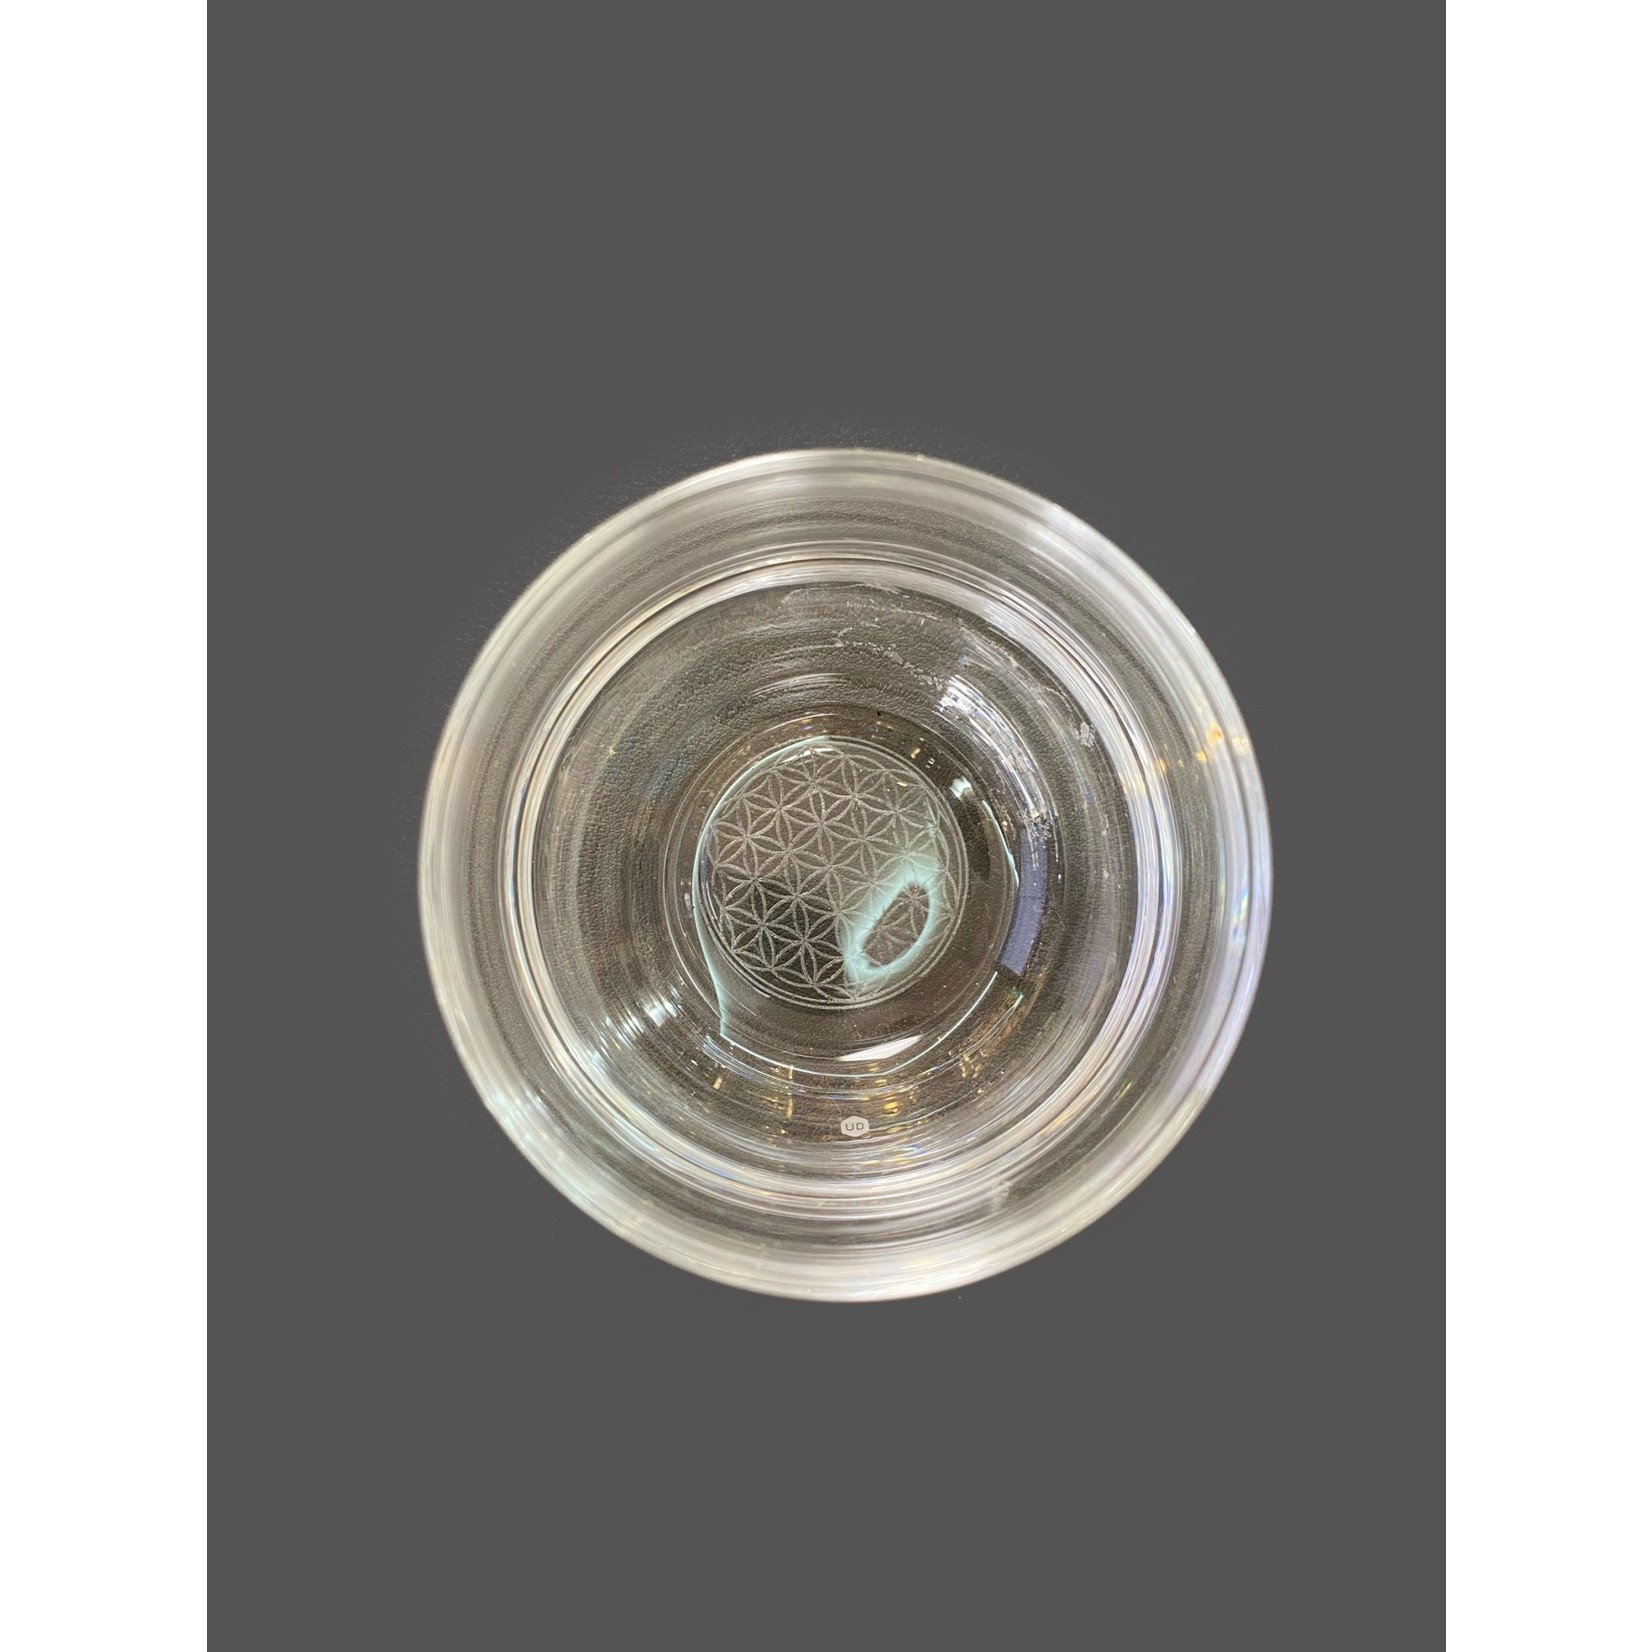 Vaso de vidrio Mythos flor de vida blanco grabado 250 ml